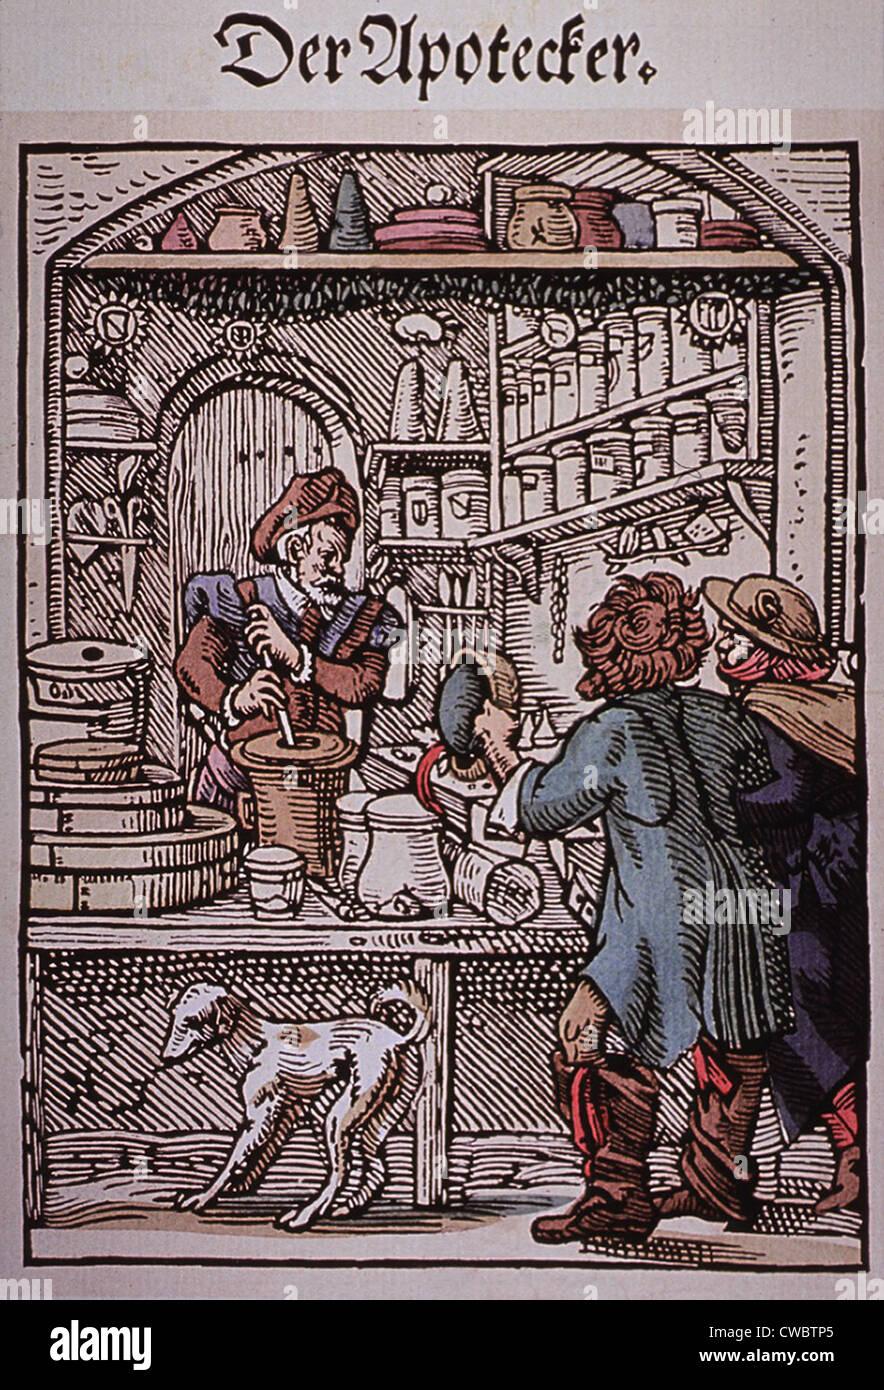 L'apothicaire. Deux hommes s'approchent d'un réputation comme le pharmacien fait de médicaments. Photo Stock